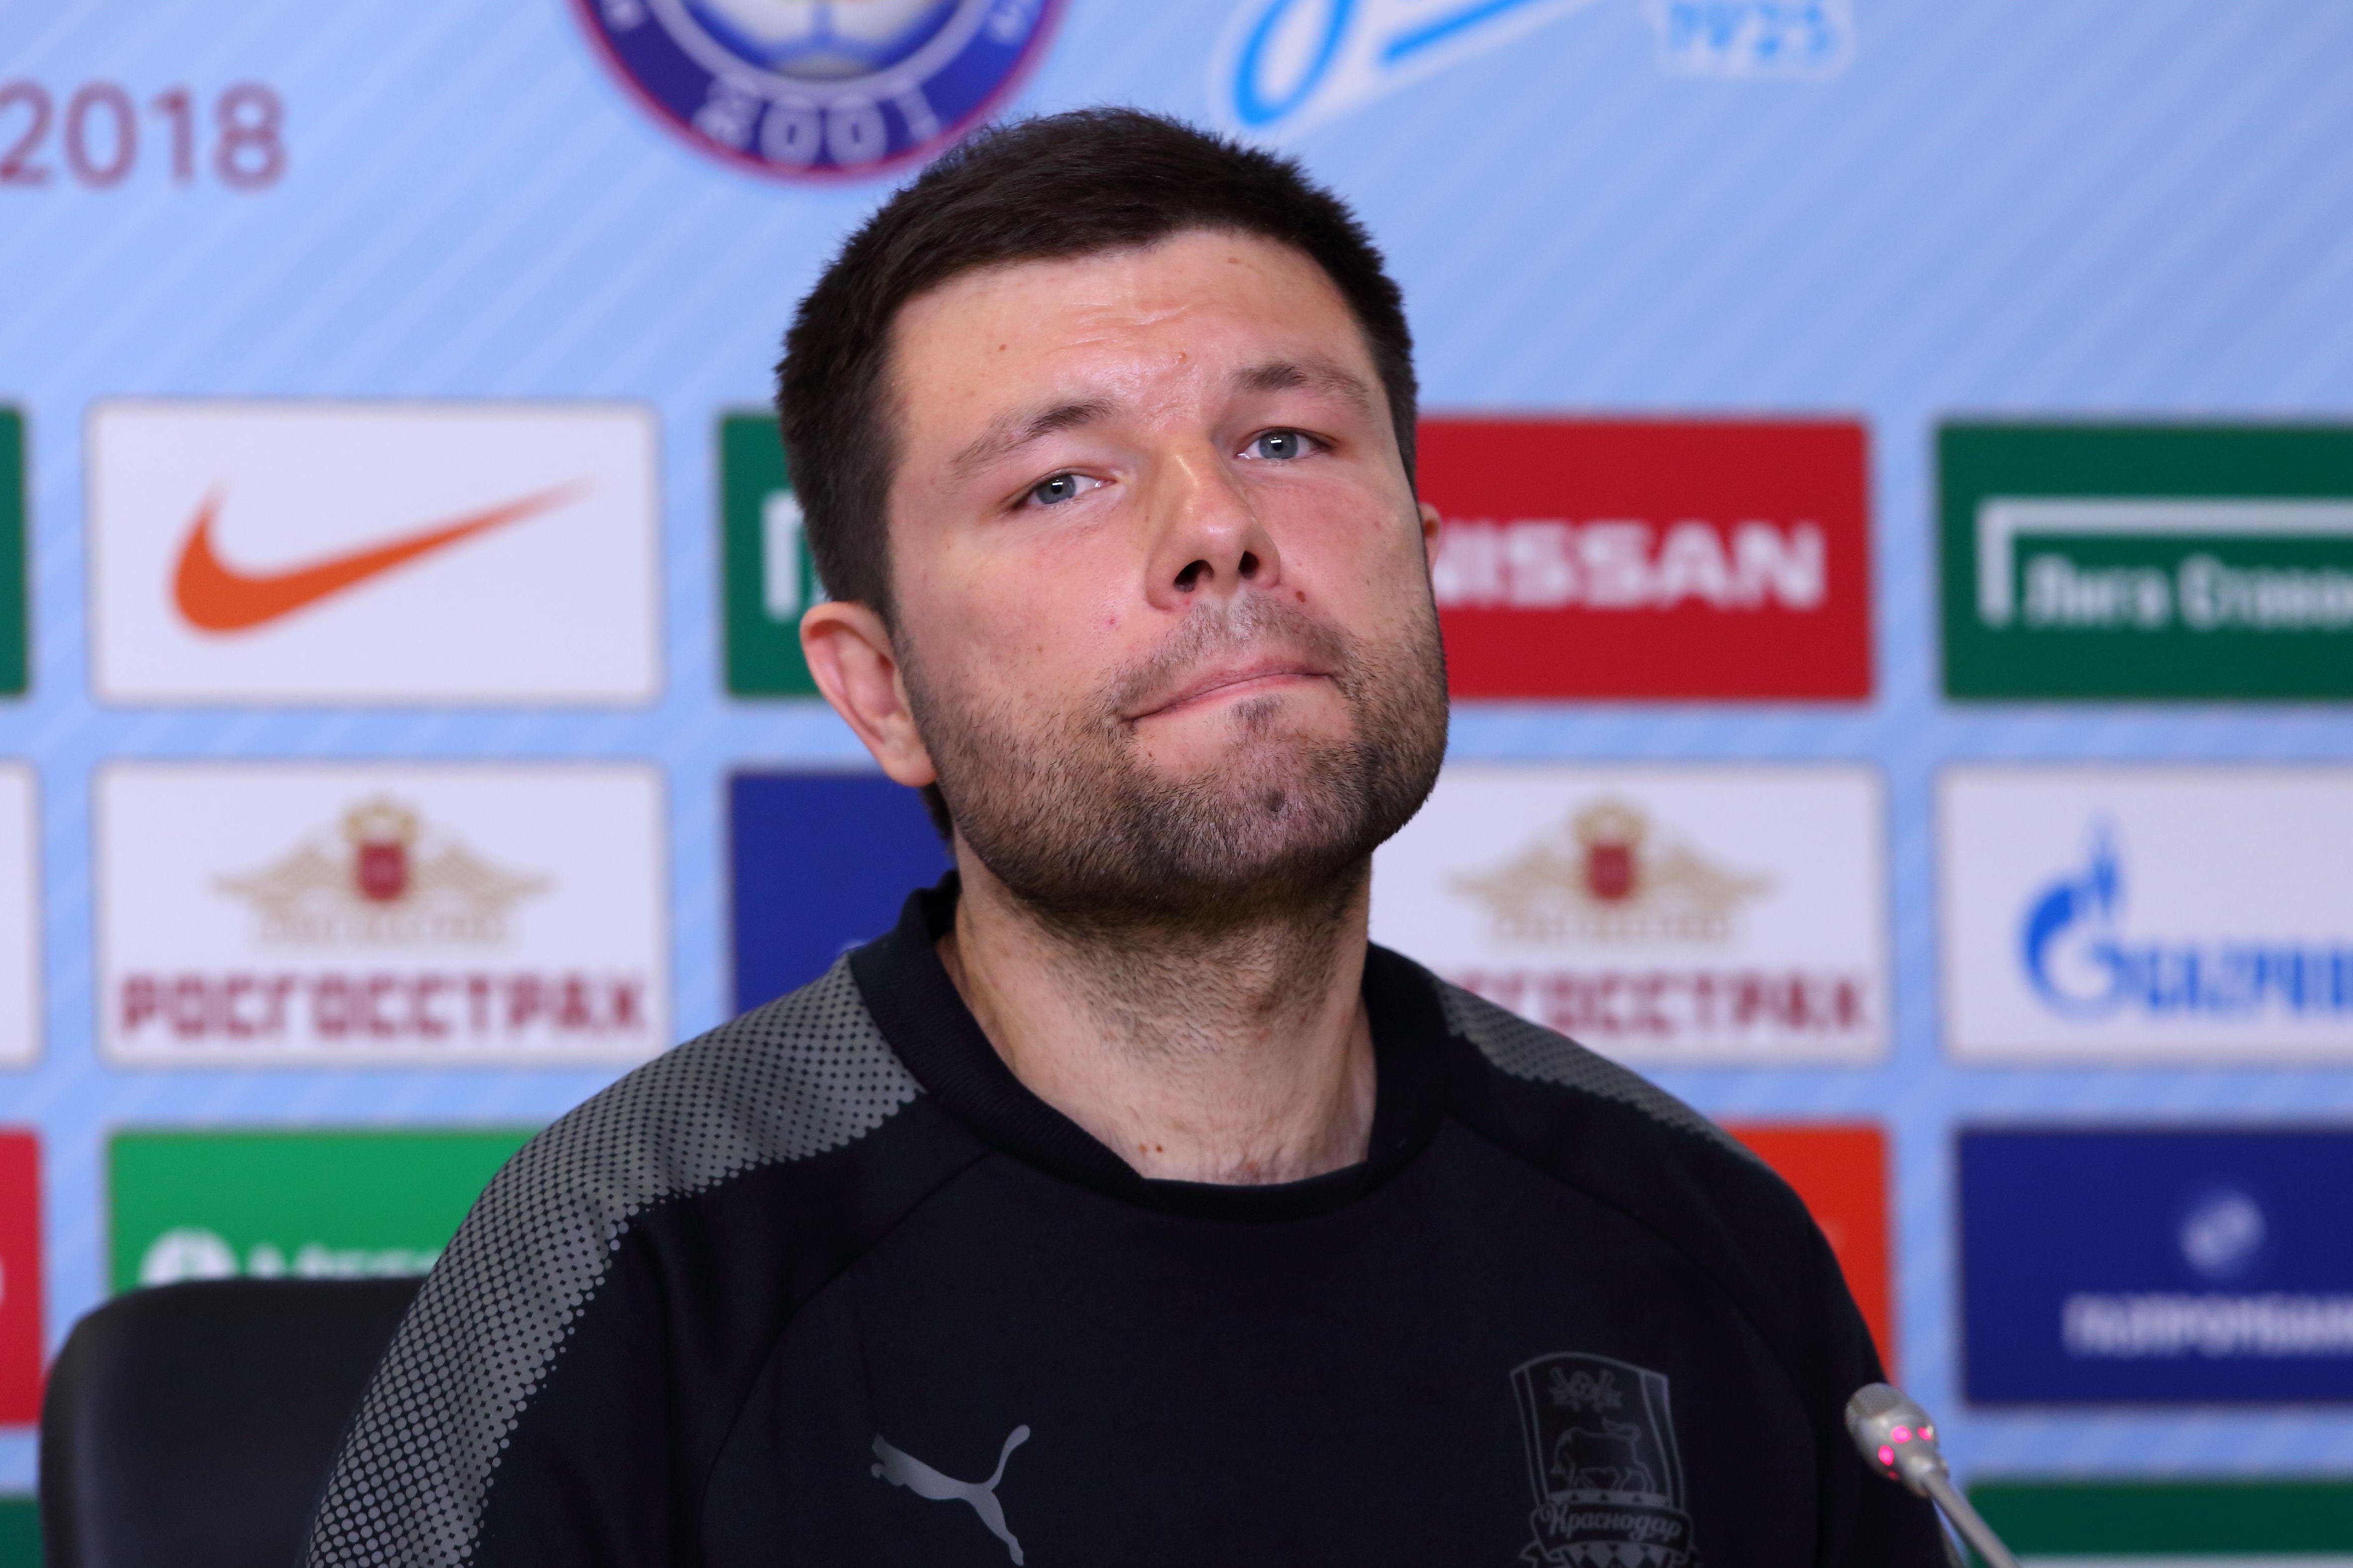 Краснодар обнародовал заявление после ухода Мусаева с поста главного тренера